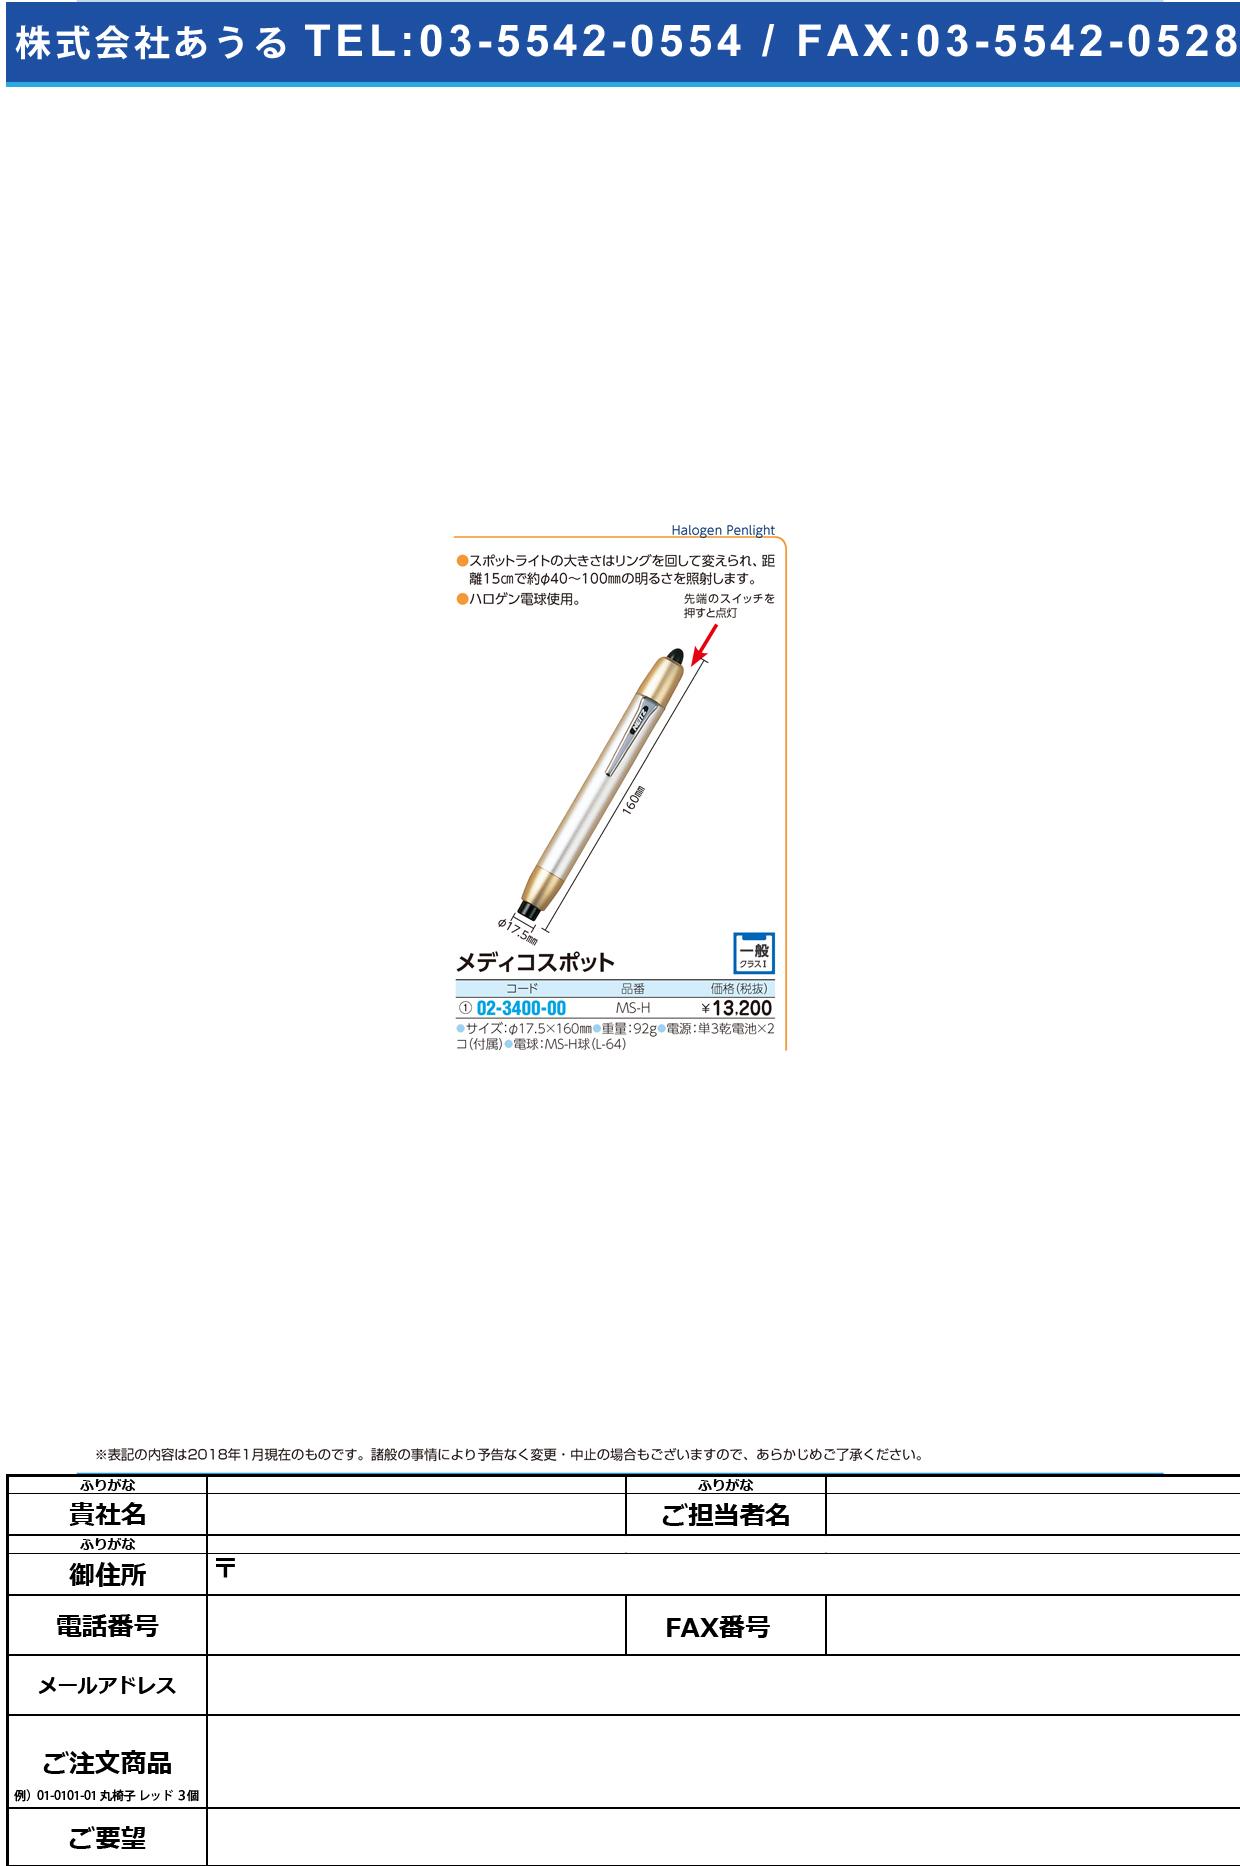 (02-3400-00)ハロゲンメディコスポット MS-H ハロゲンメディコスポット【1本単位】【2018年カタログ商品】